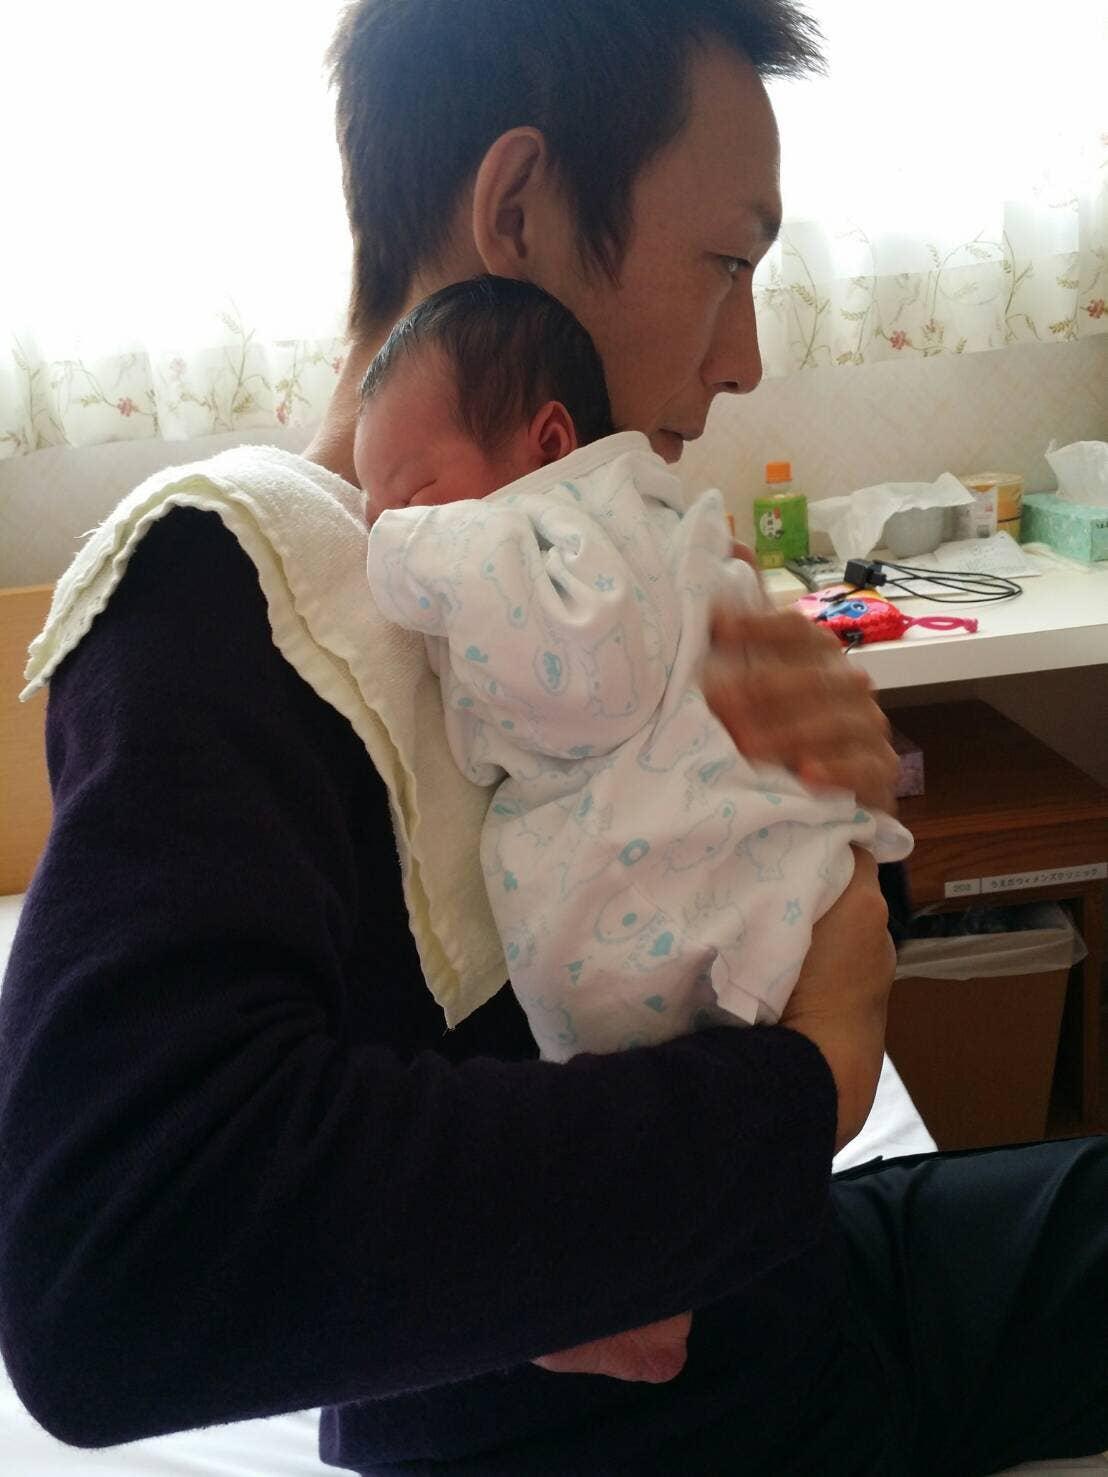 Yoshihiro Takeda